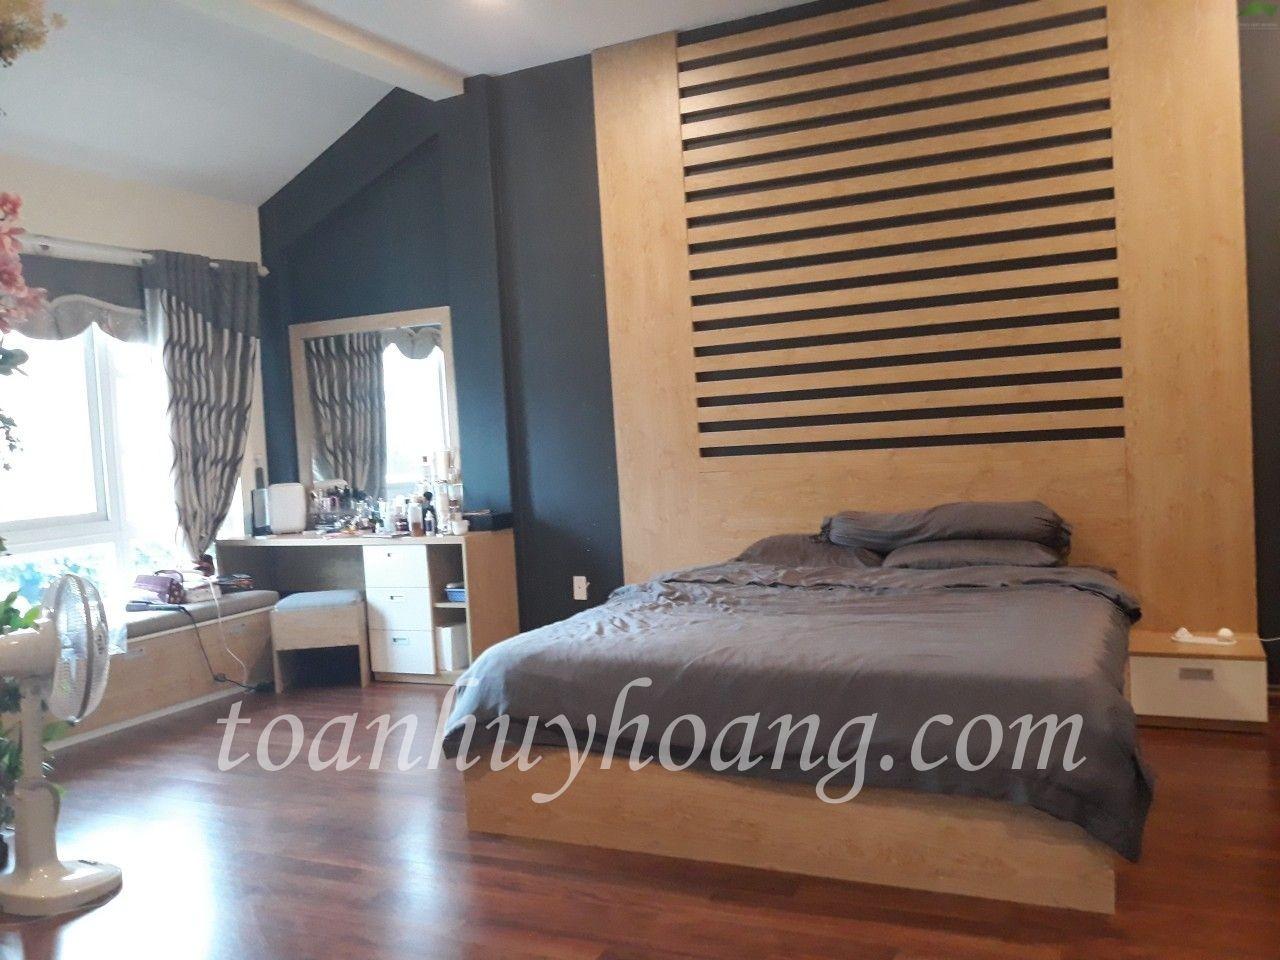 Danang House renting